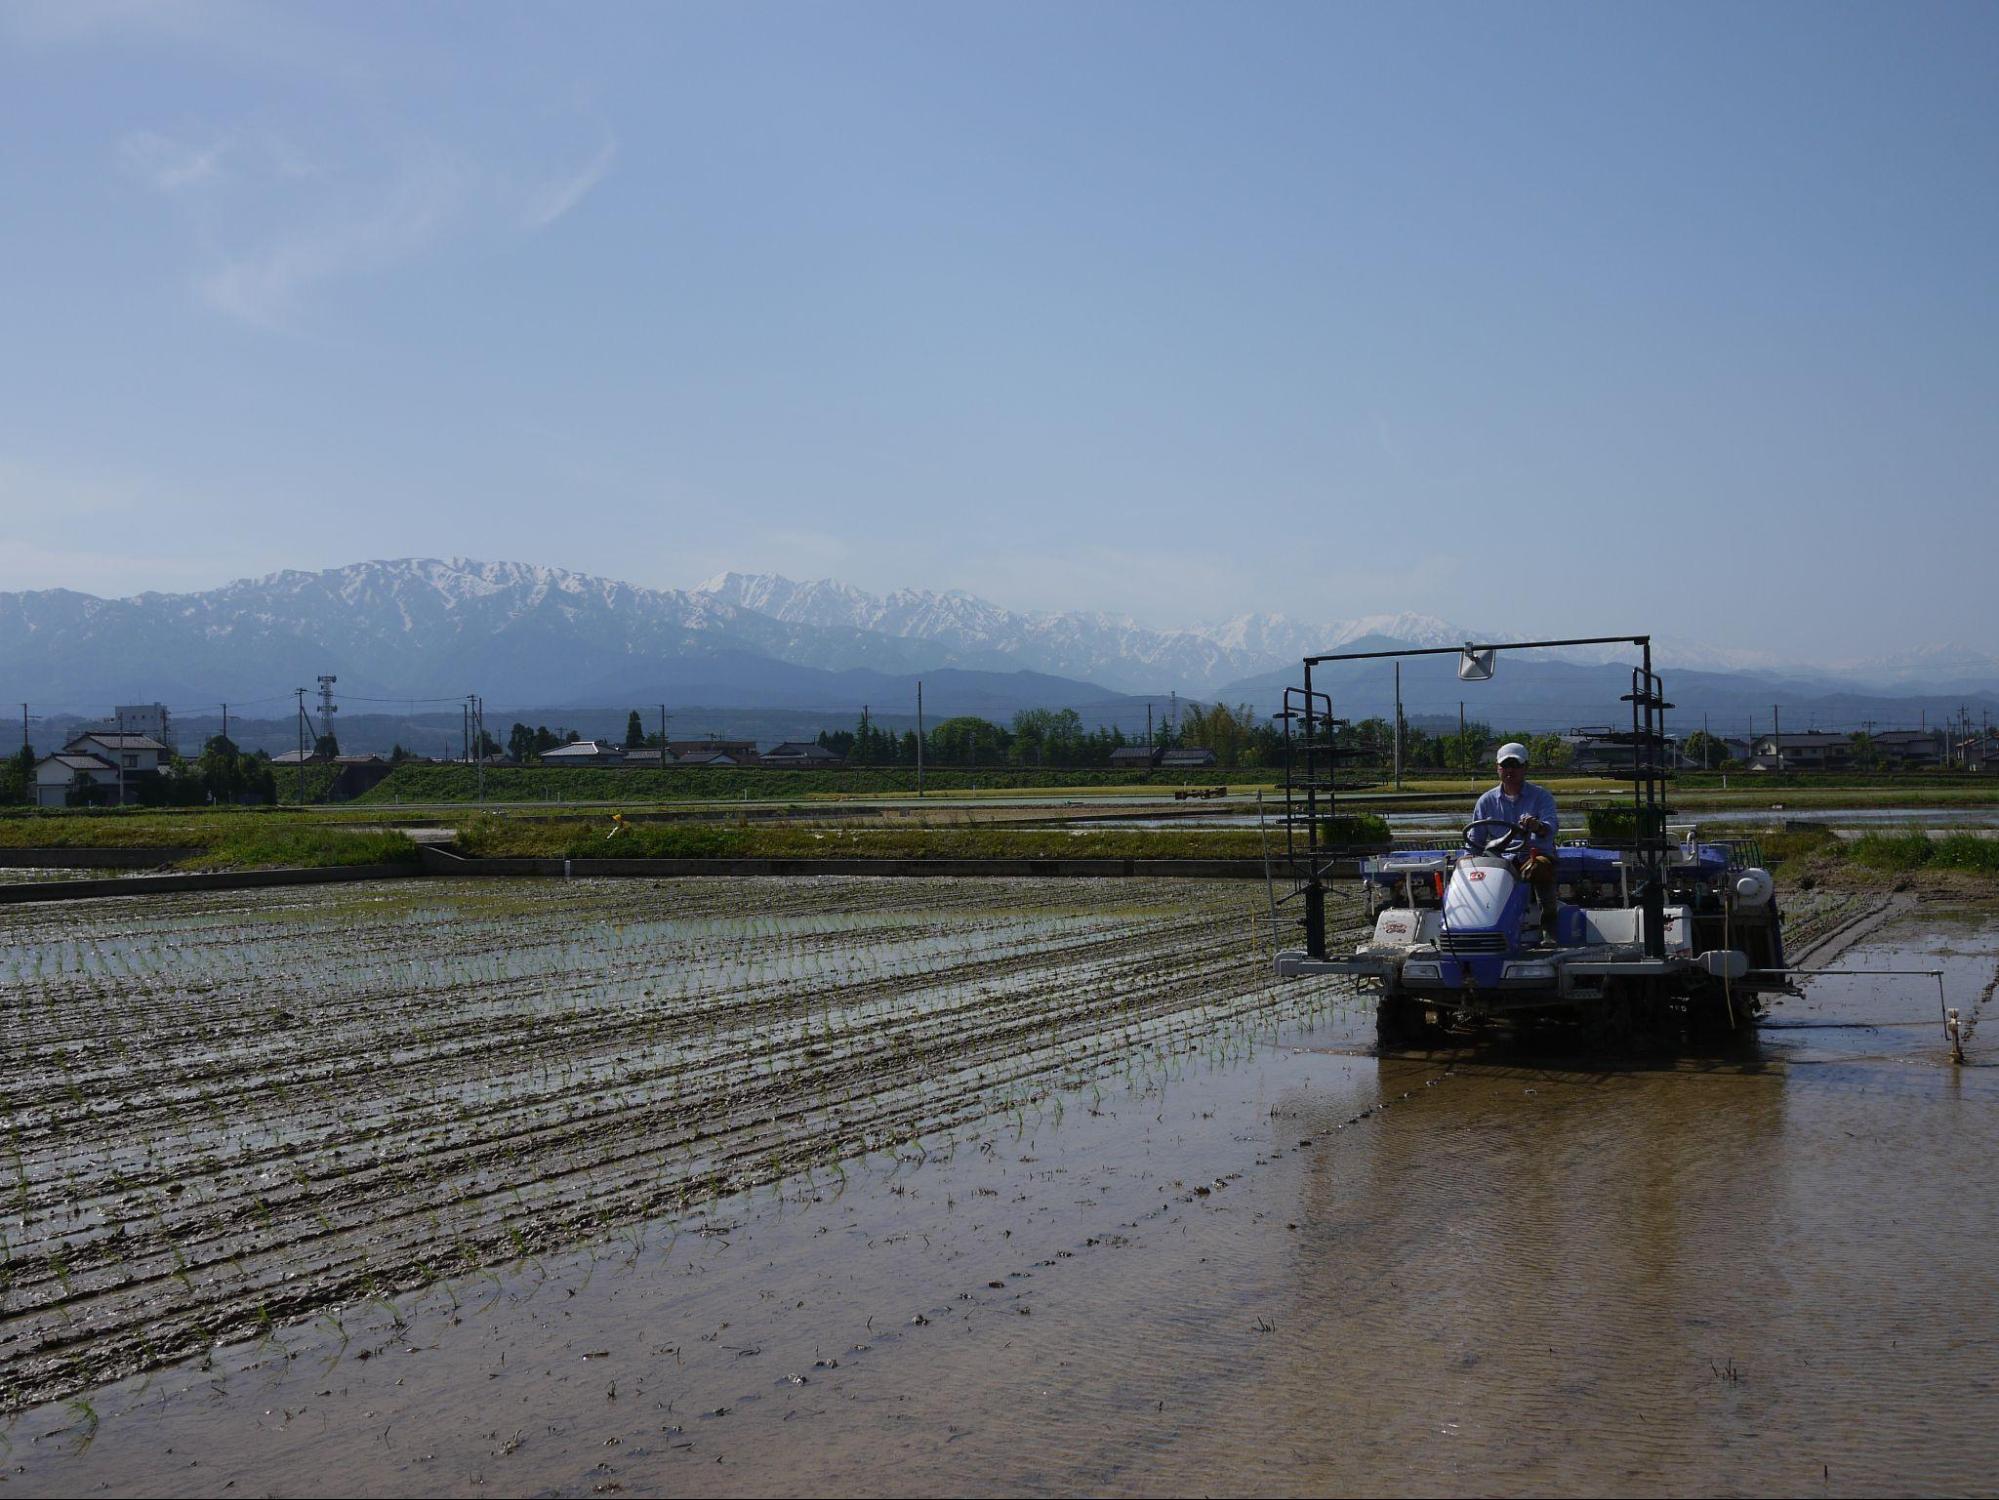 アイキャッチ:黒部川の扇状地に位置する濱田ファームの田植えへのこだわり